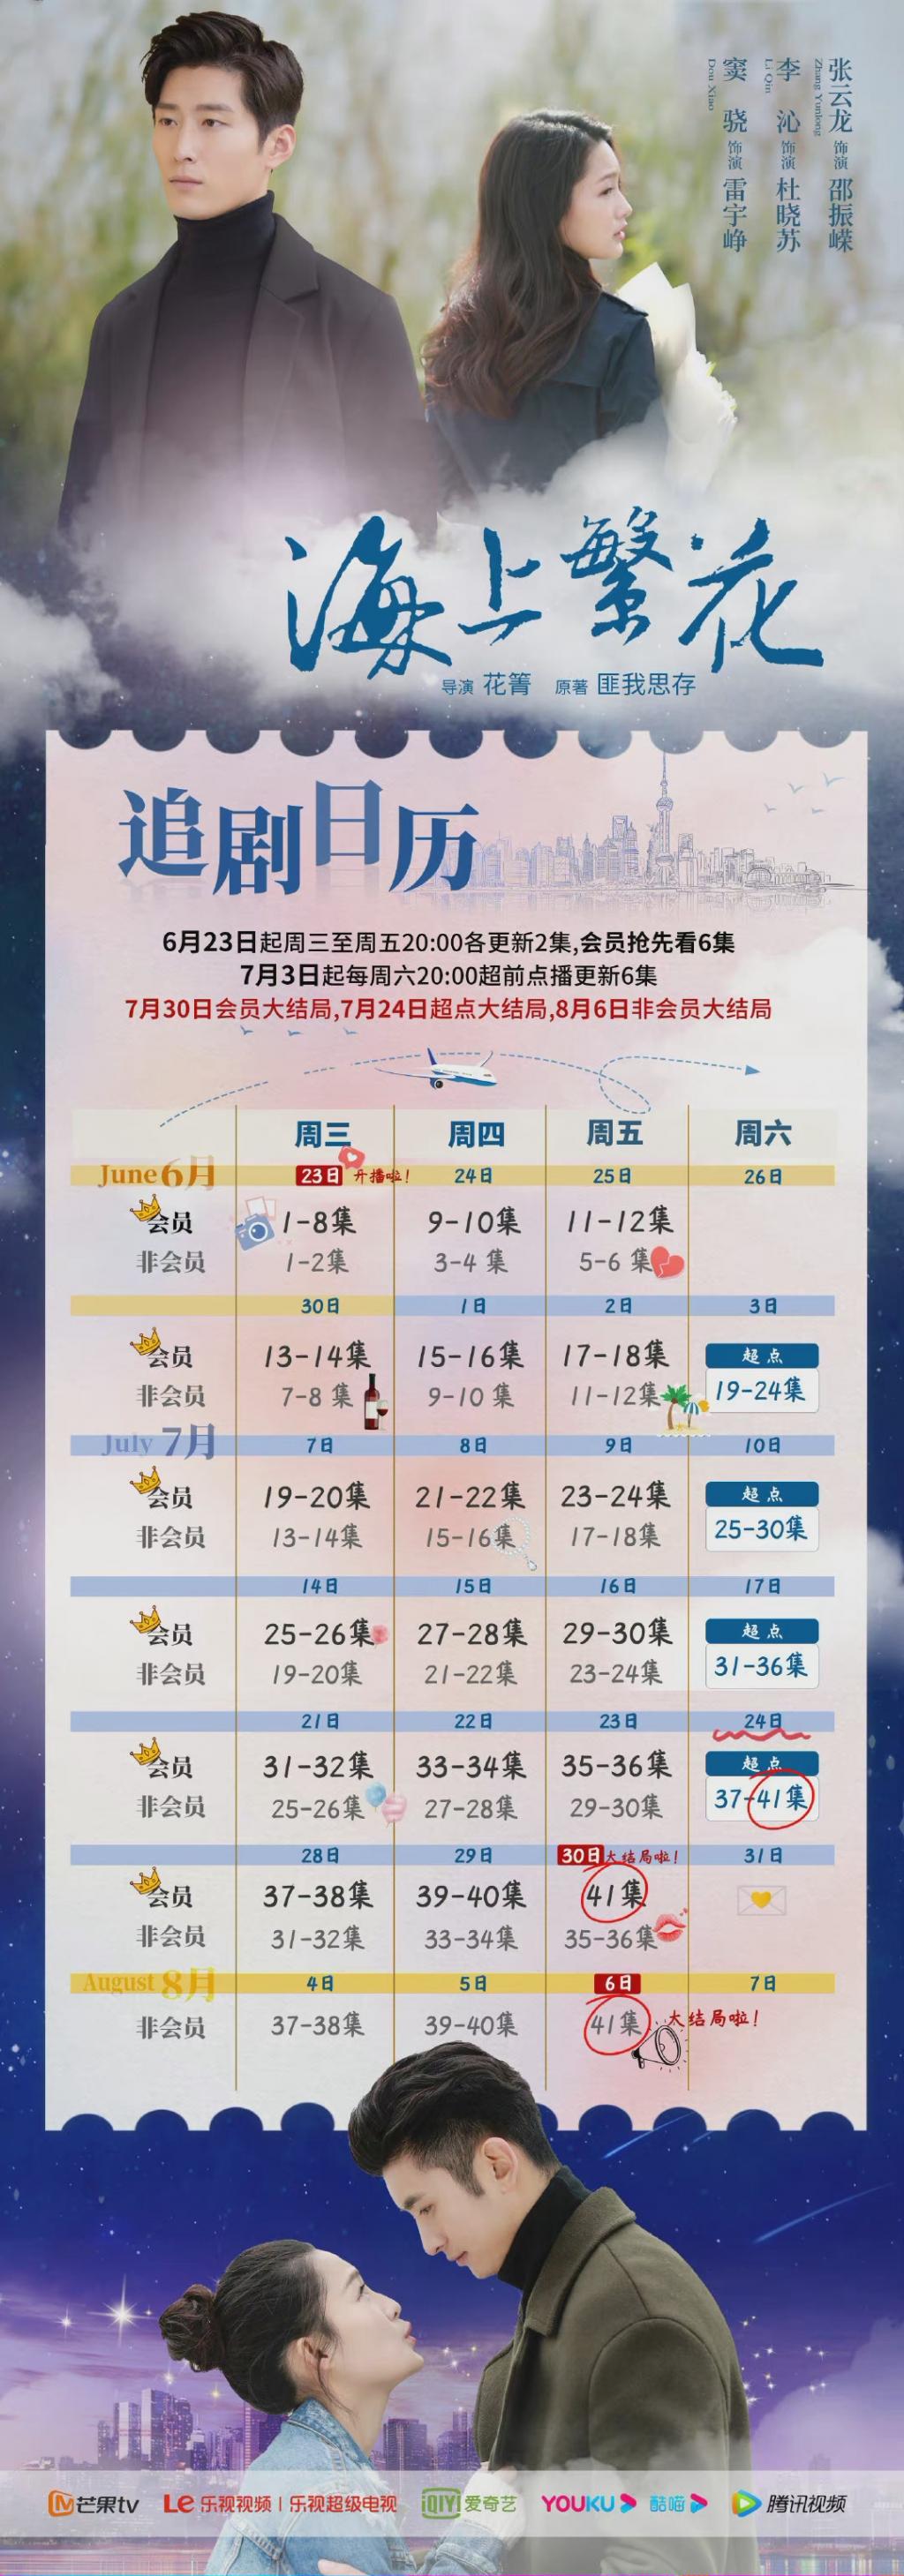 'Hải Thượng Phồn Hoa' của Lý Thấm, Đậu Kiêu, Trương Vân Long chính thức lên sóng sau 5 năm đắp chiếu